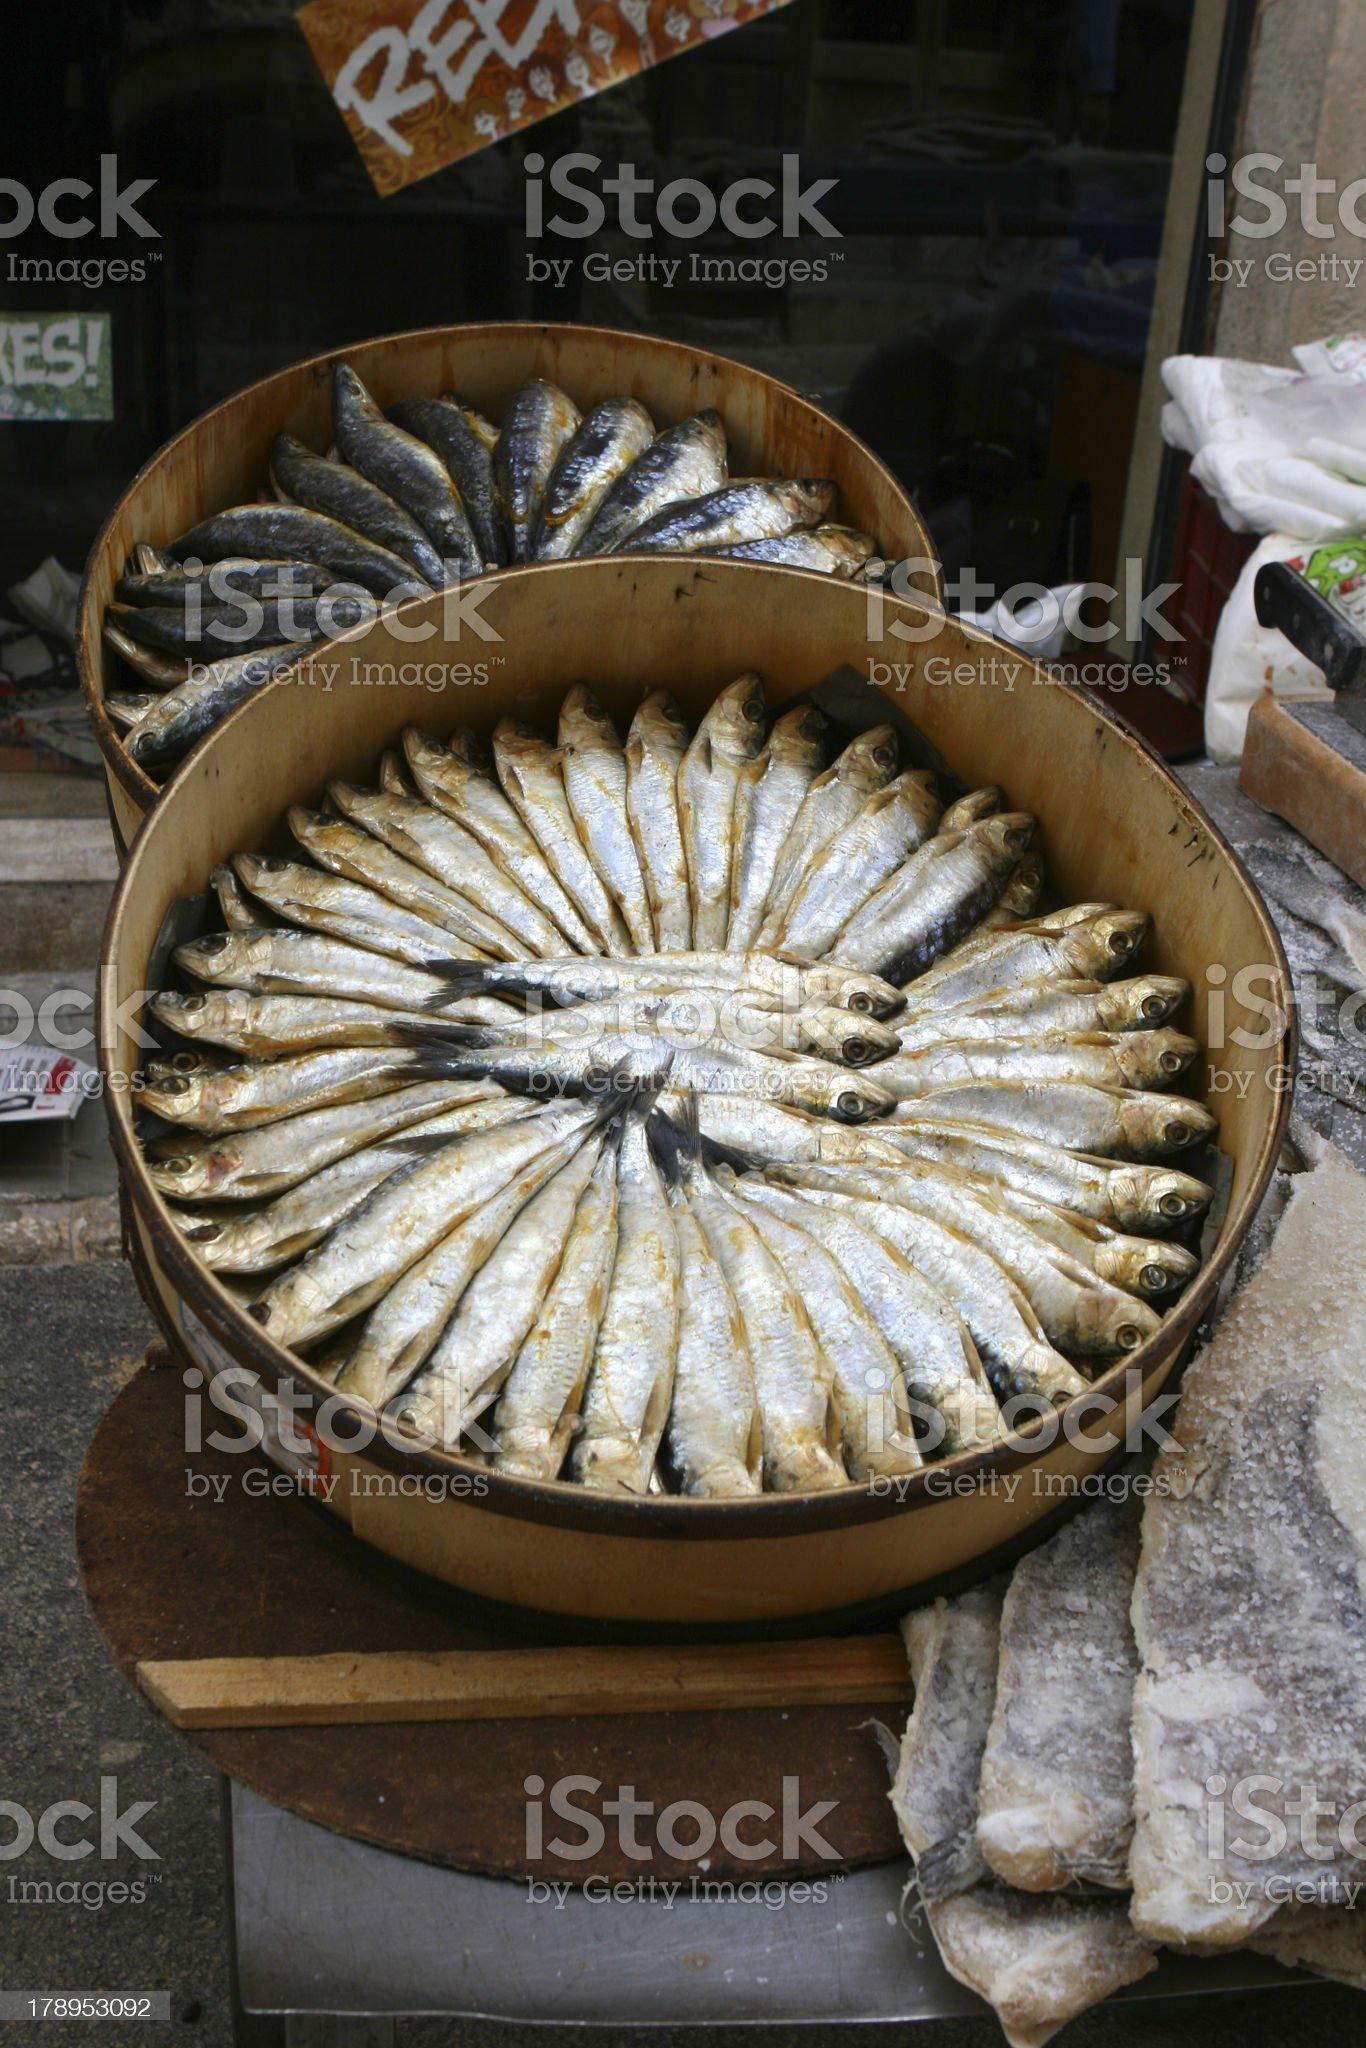 Smoked sardines royalty-free stock photo